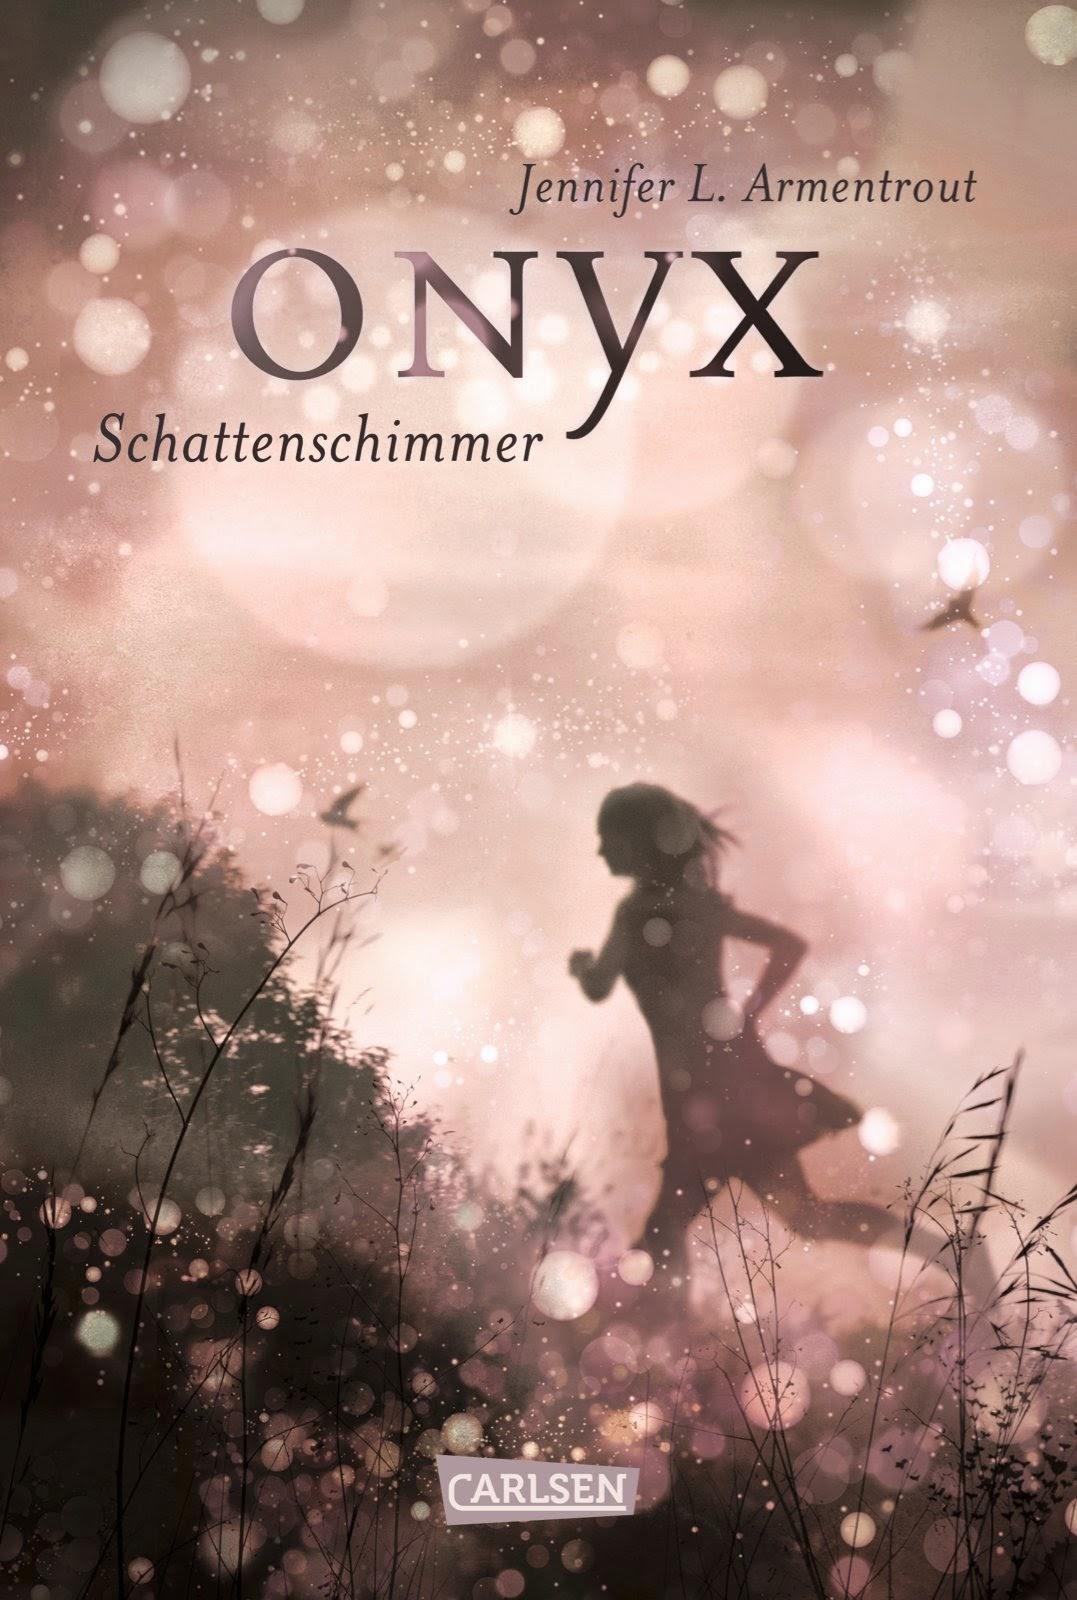 http://www.amazon.de/Obsidian-Band-2-Onyx-Schattenschimmer/dp/3551583323/ref=tmm_hrd_title_0?ie=UTF8&qid=1425150169&sr=1-1